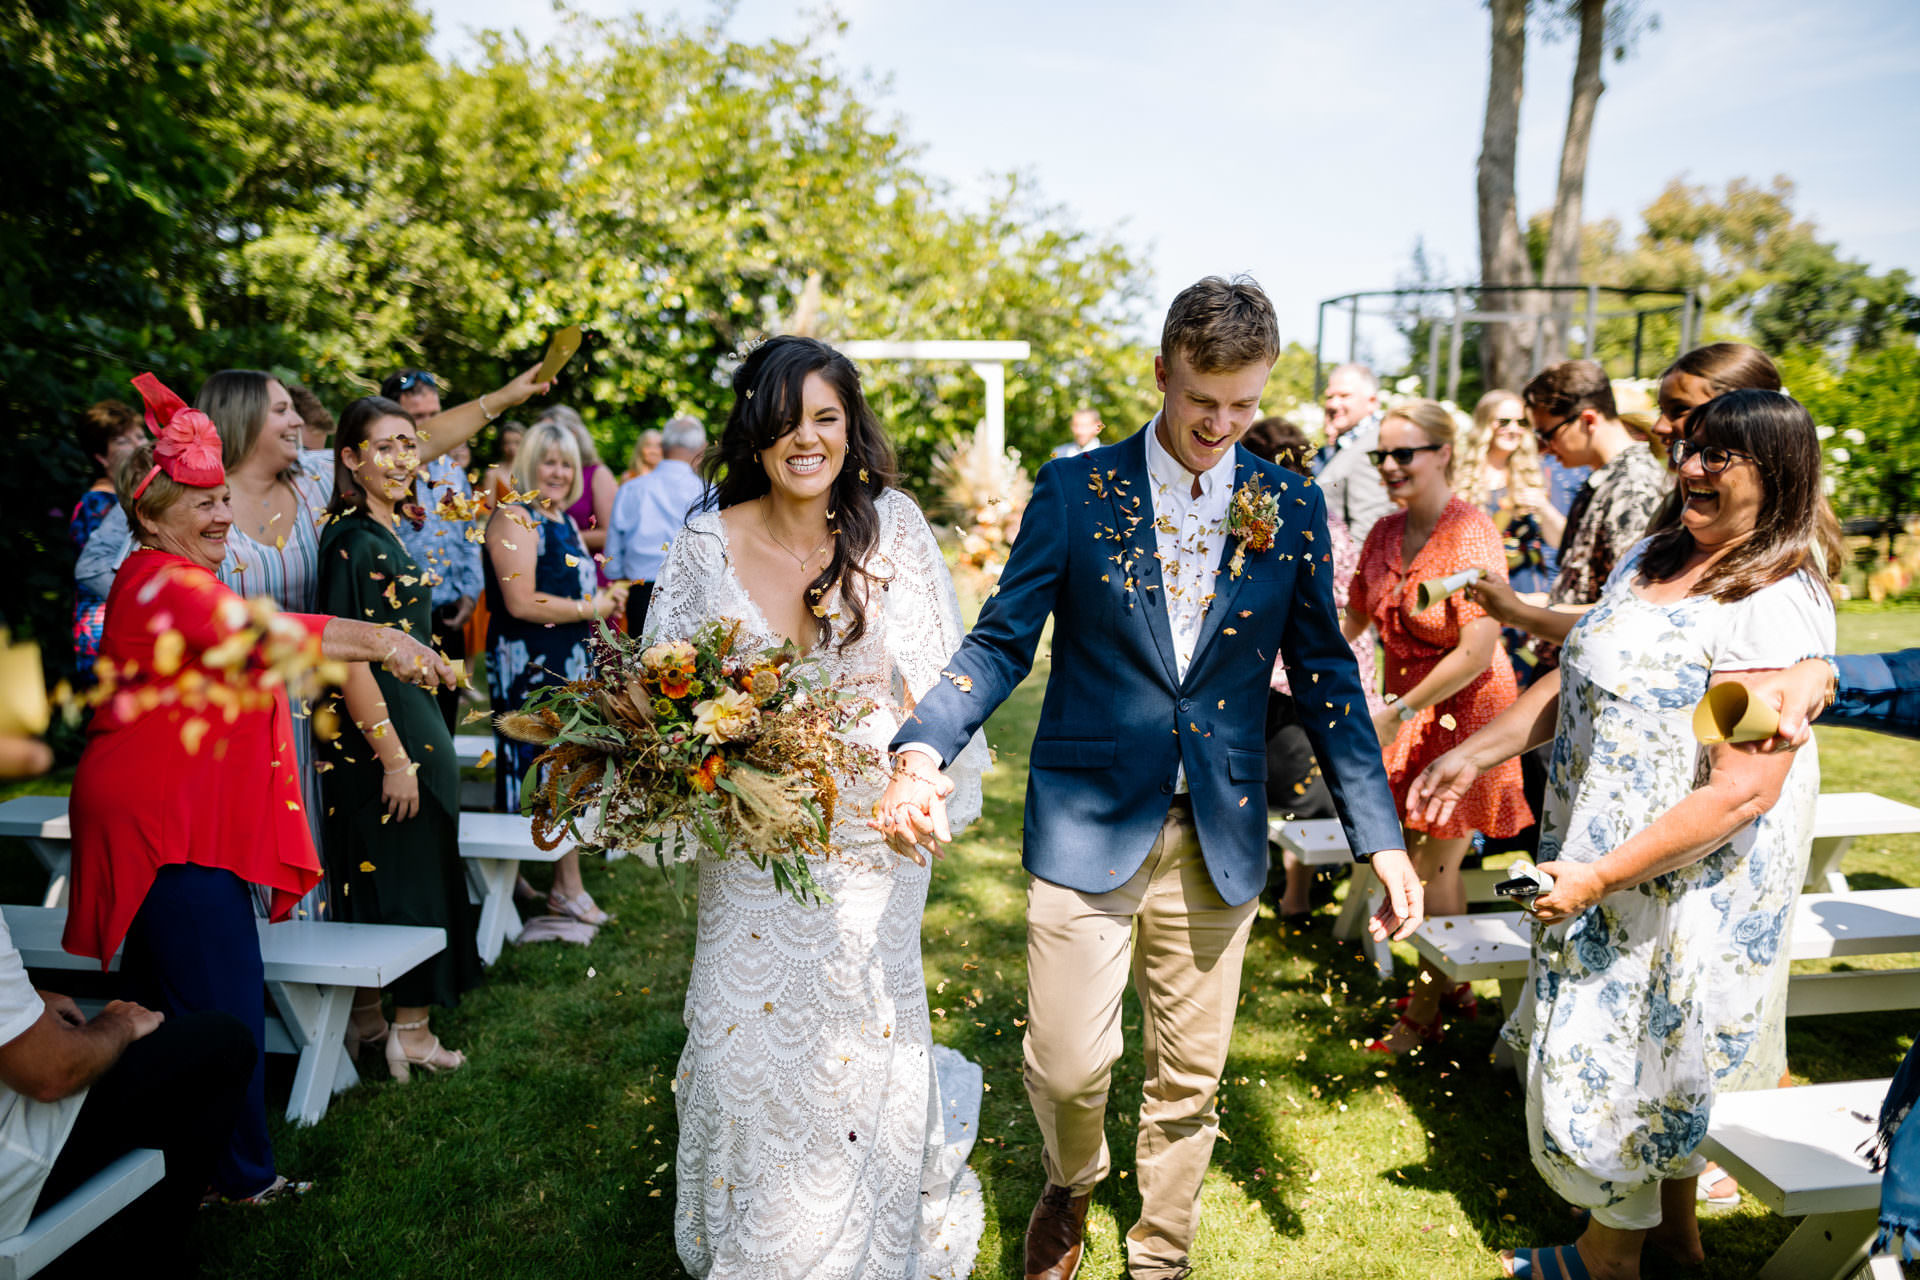 Bride and groom confetti isle photograph